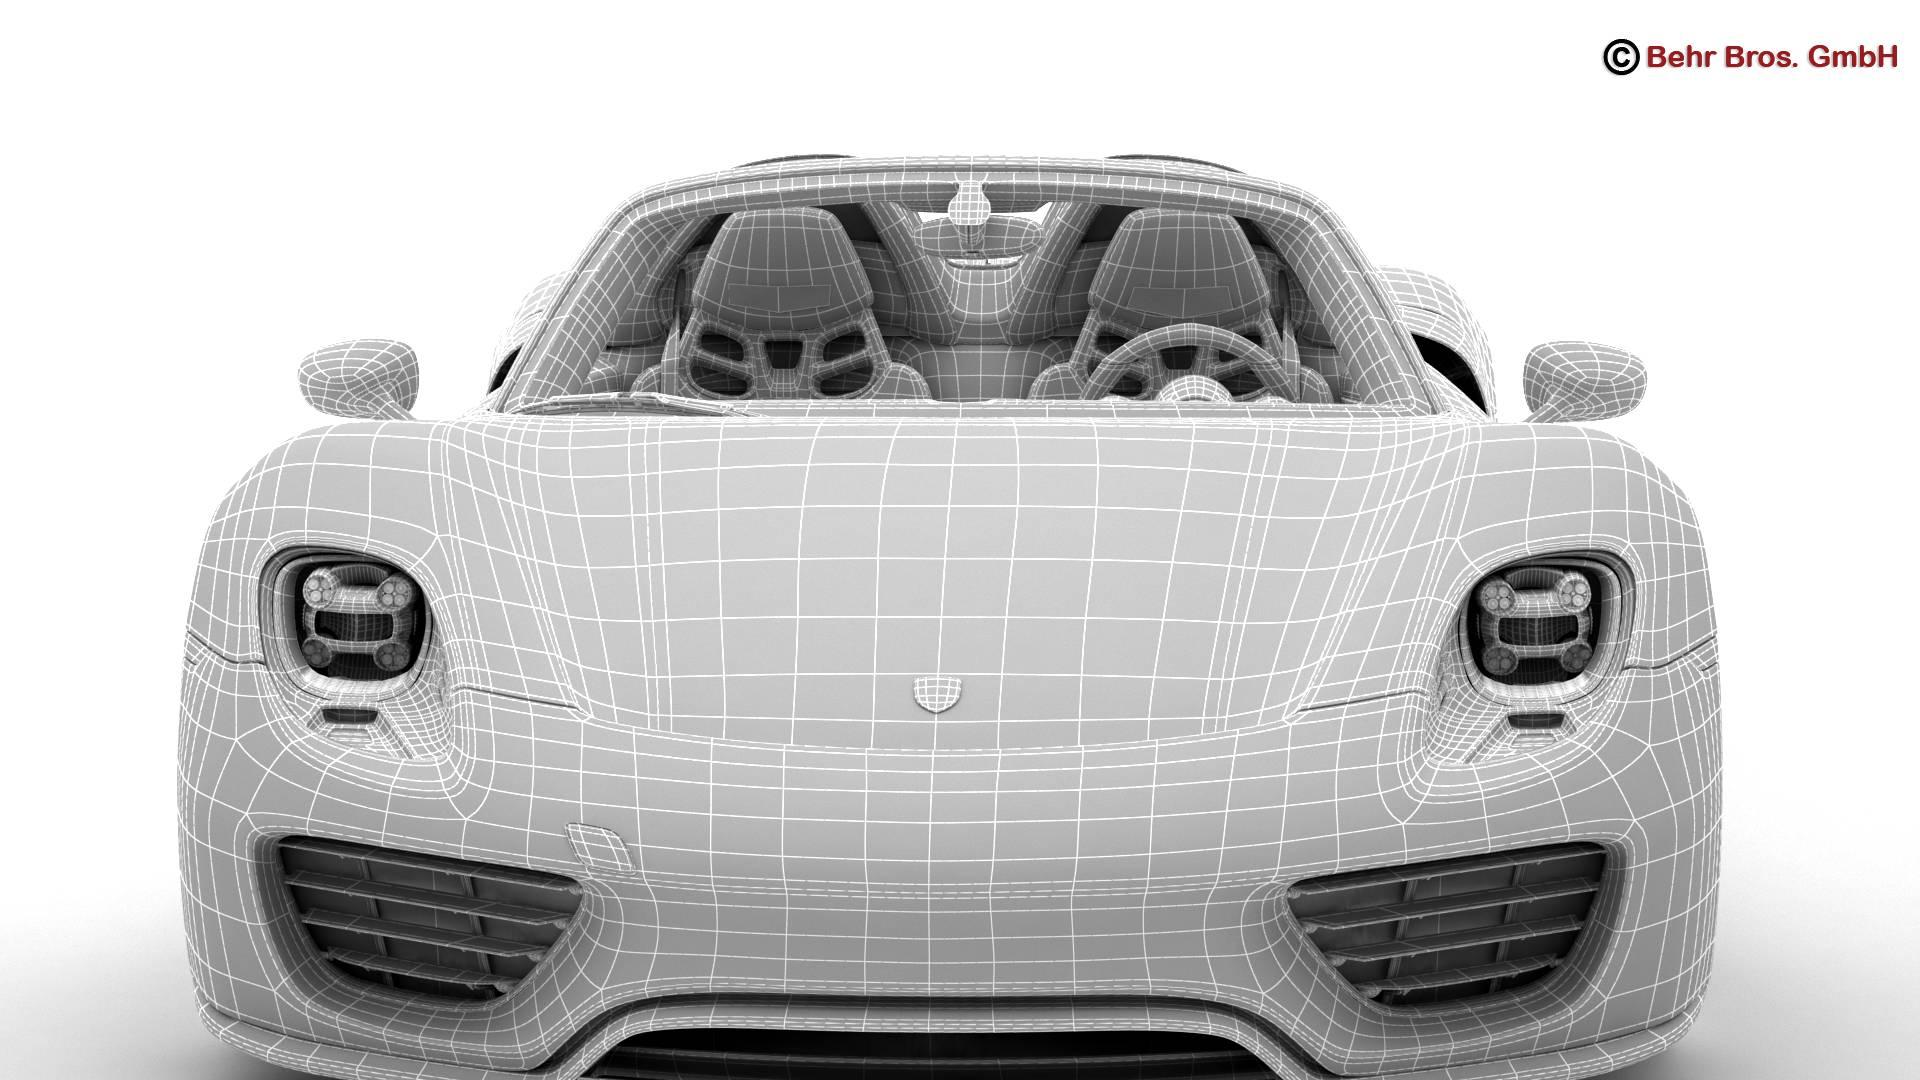 porsche 918 spyder with detachable roof 3d model 3ds max fbx c4d lwo ma mb obj 209356